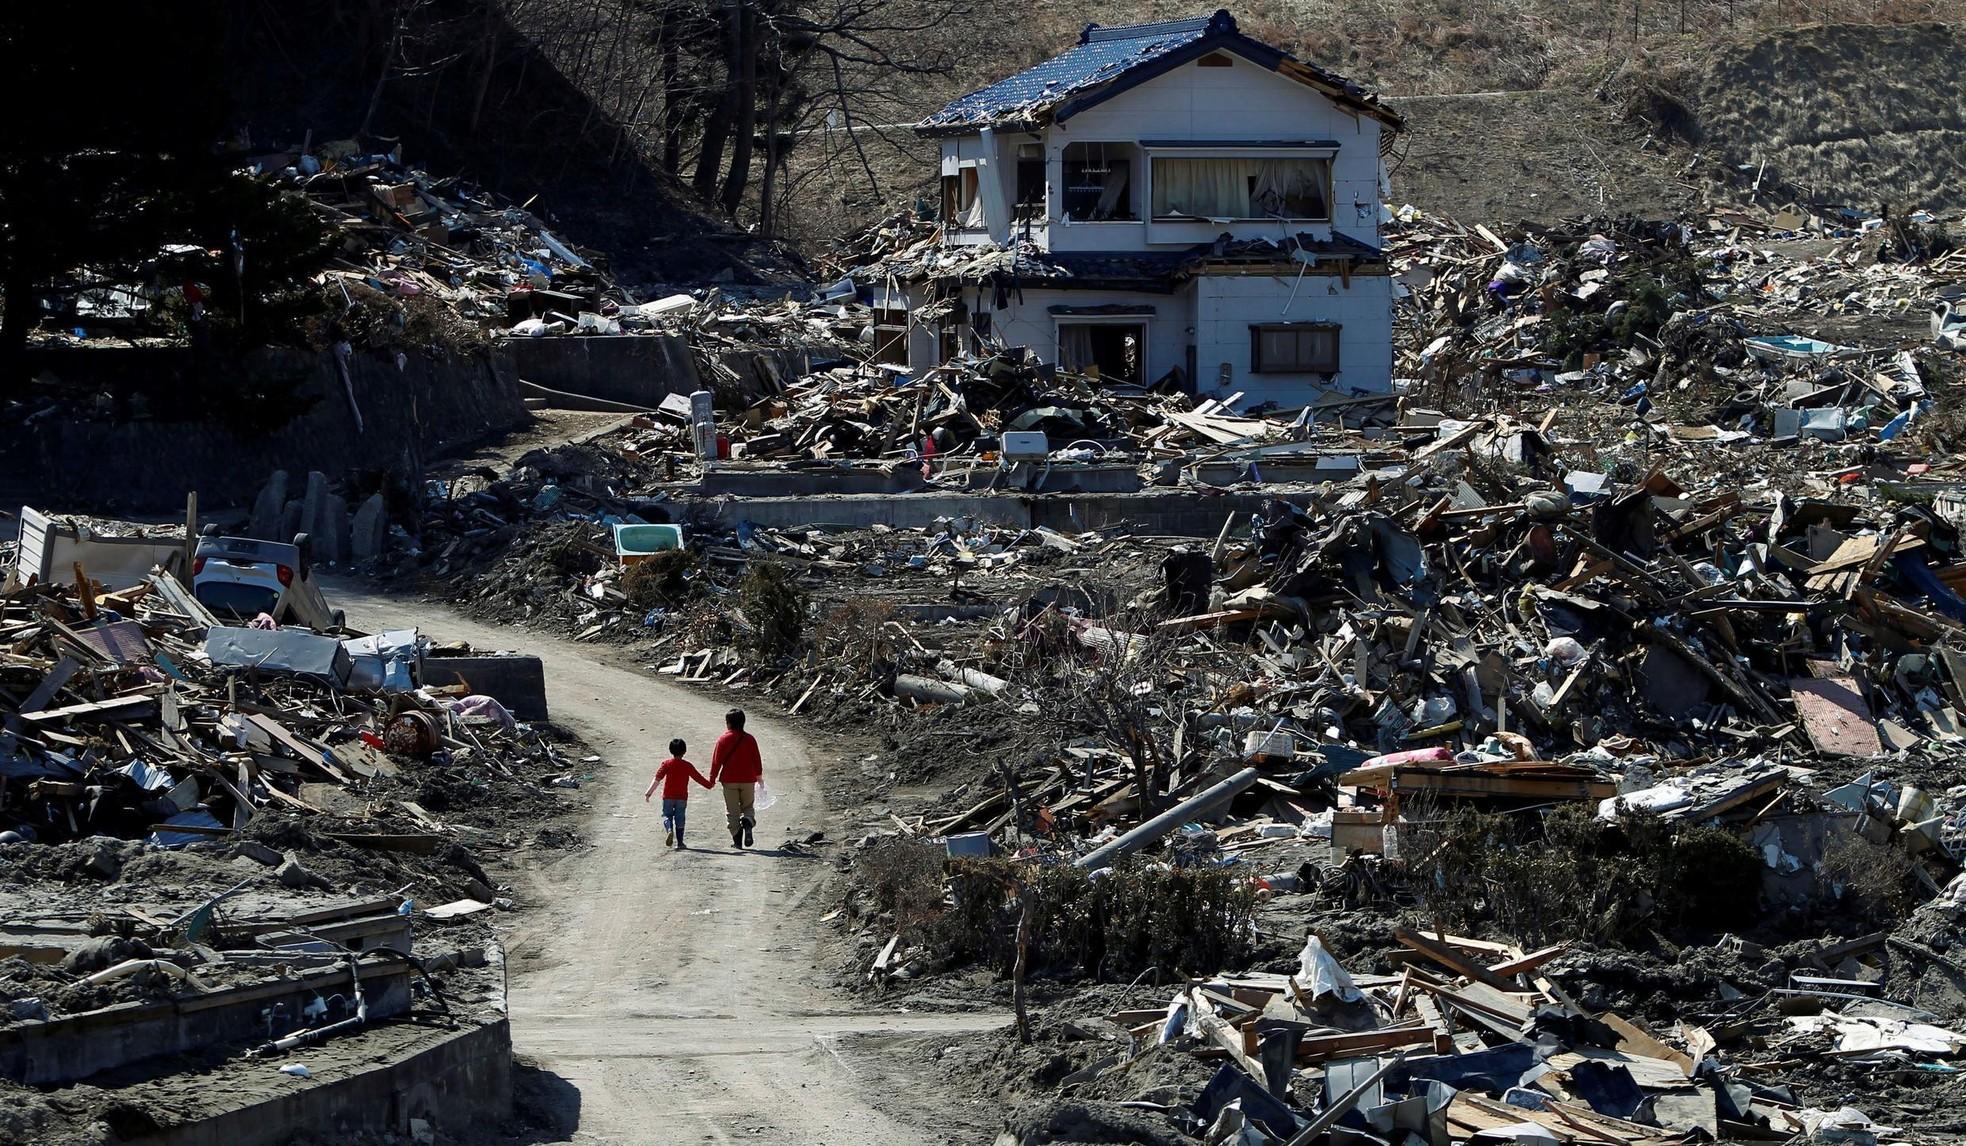 Nỗi buồn khôn nguôi của người sống sót sau thảm họa sóng thần ở Nhật Bản ảnh 6